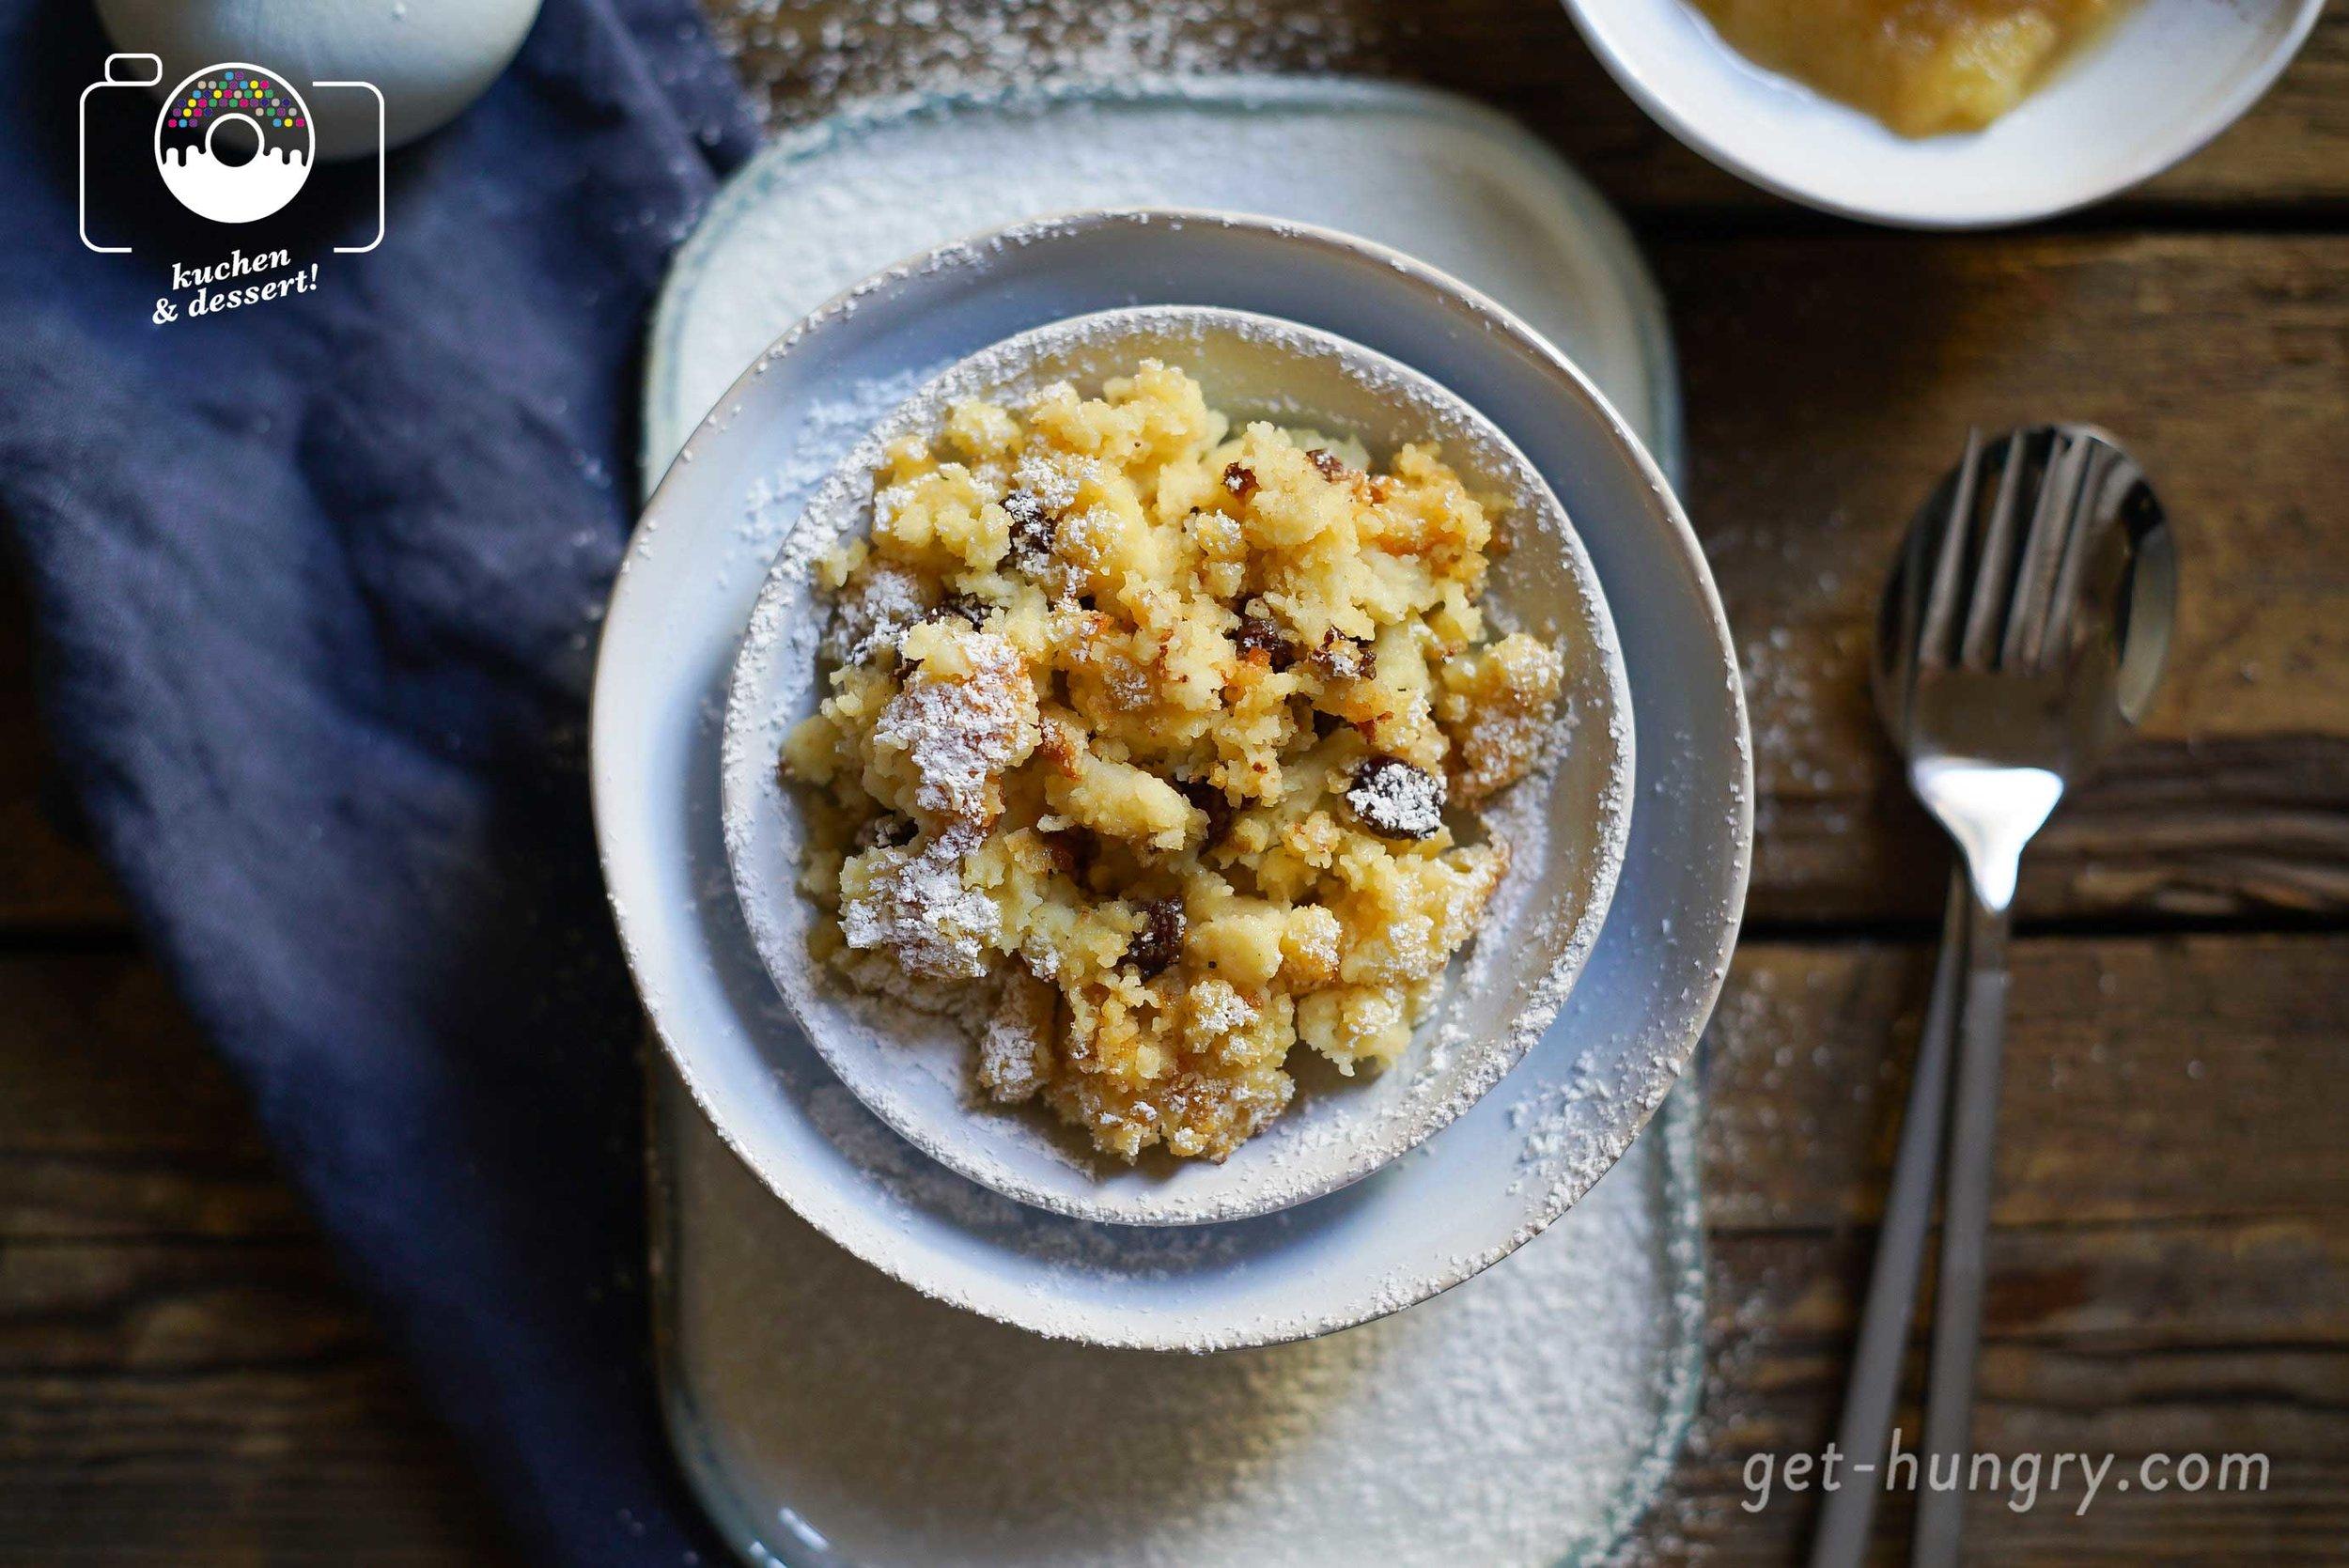 Übrigens: in den Brei selbst kommt gar kein Zucker. Der Schmarrn wird erst ganz zum Schluss mit Puderzucker gesüßt bzw. streue ich gerne ein wenig Zucker zum Karamellisieren auf die Brei-Oberfläche, bevor er zum Backen in den Ofen wandert.